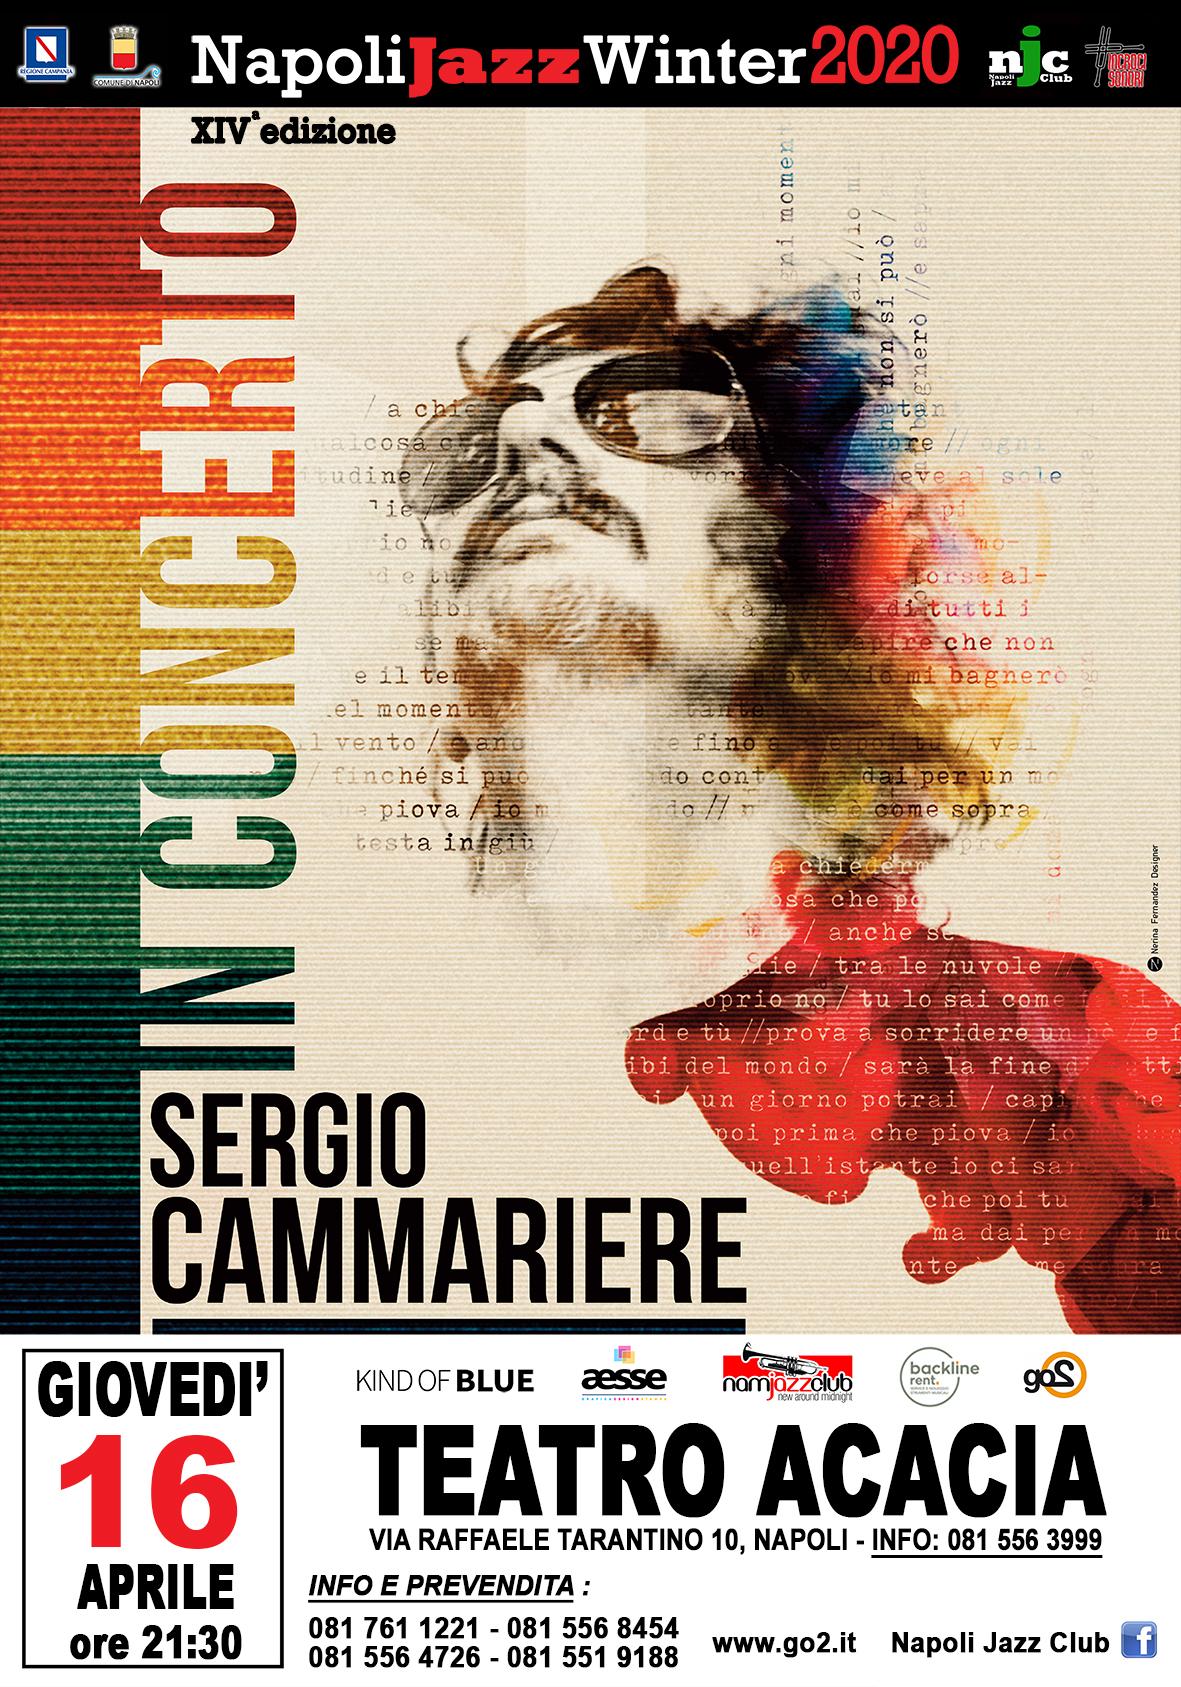 Sergio Cammariere 4et